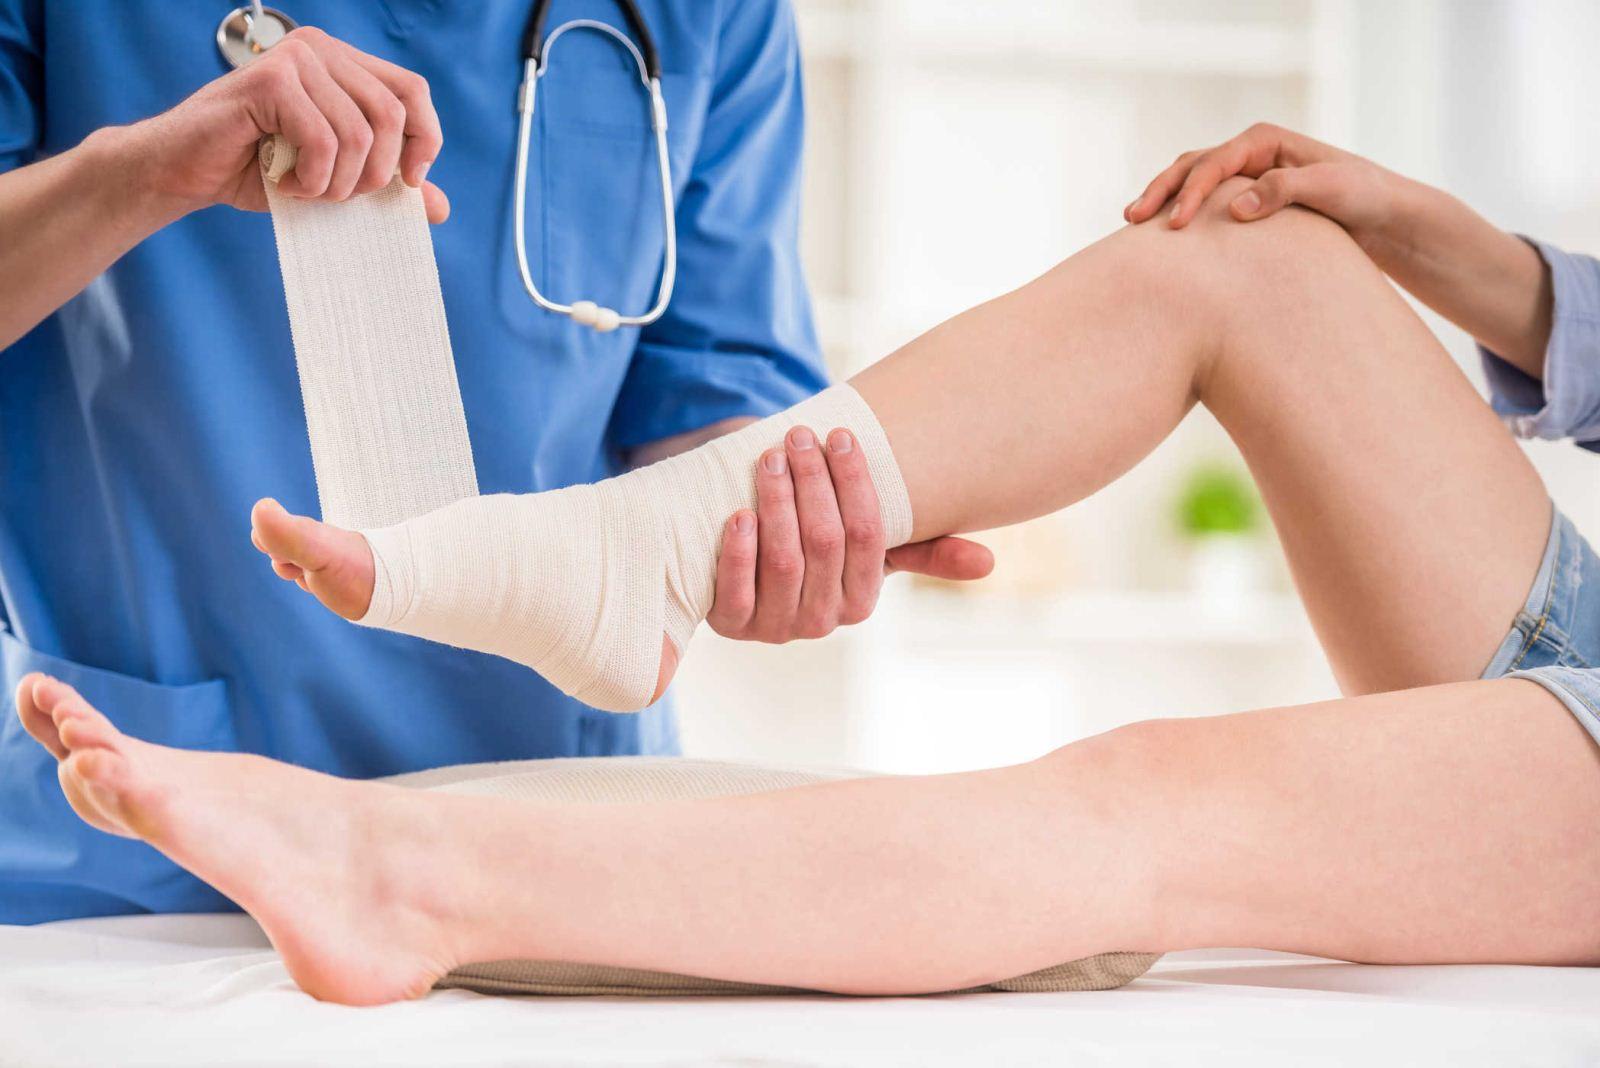 Bong gân cổ chân nặng cần đến gặp bác sĩ để điều trị